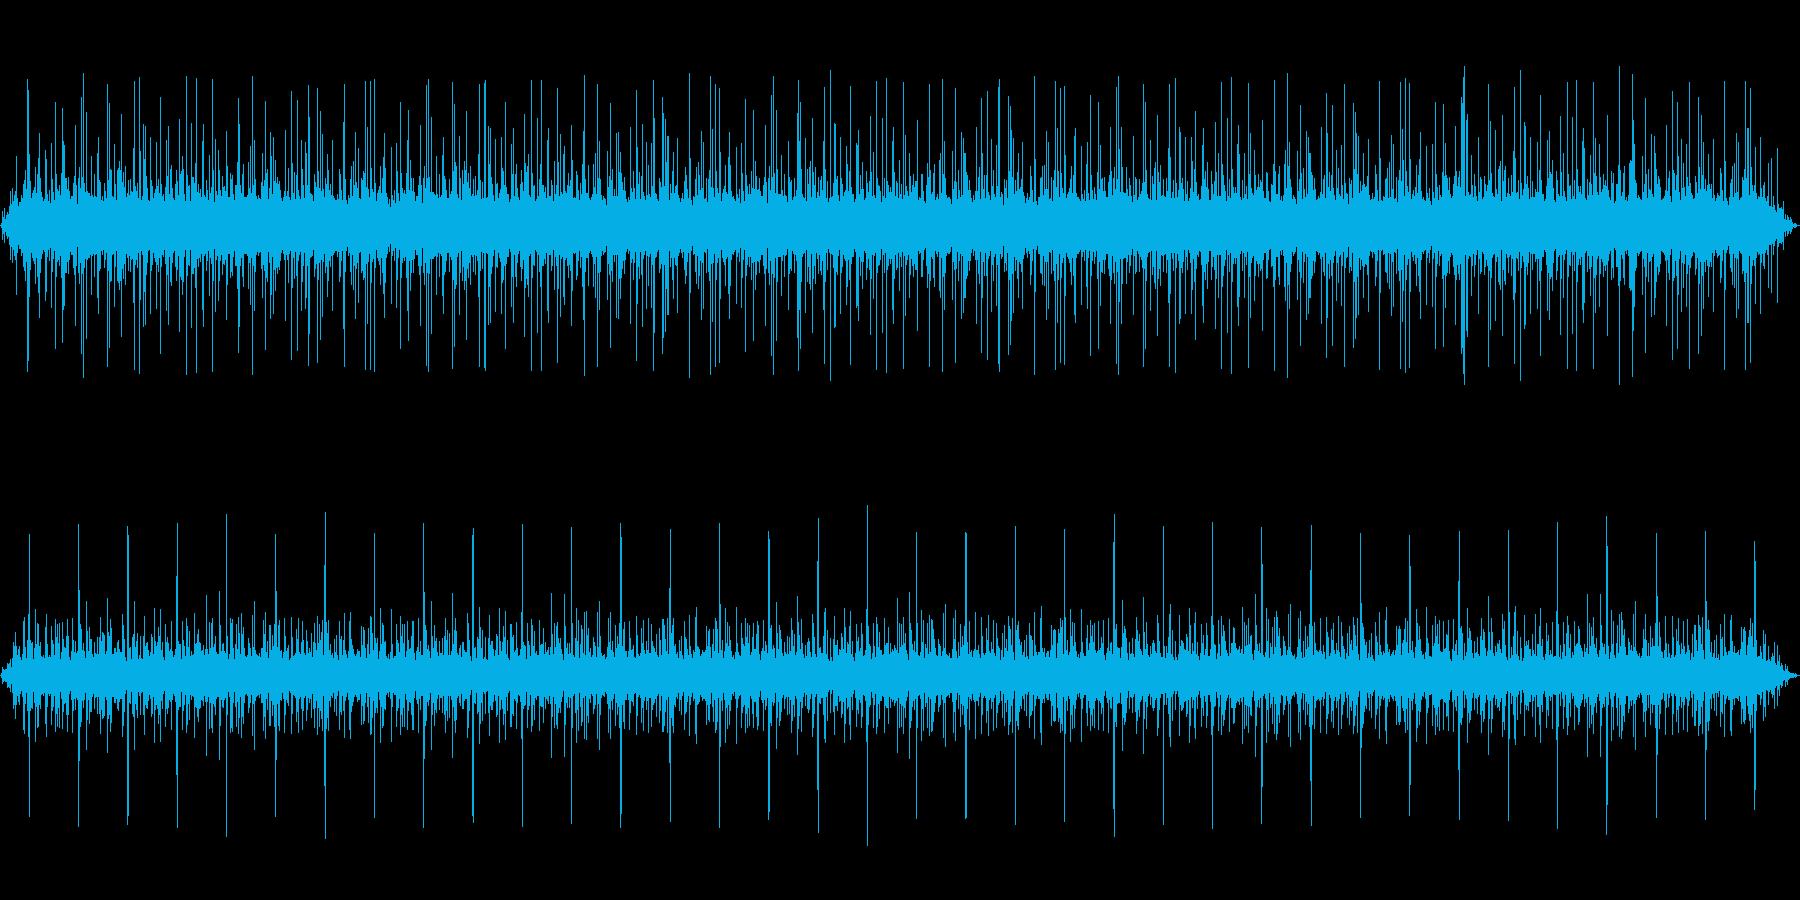 バネを作る機械の動作音03の再生済みの波形